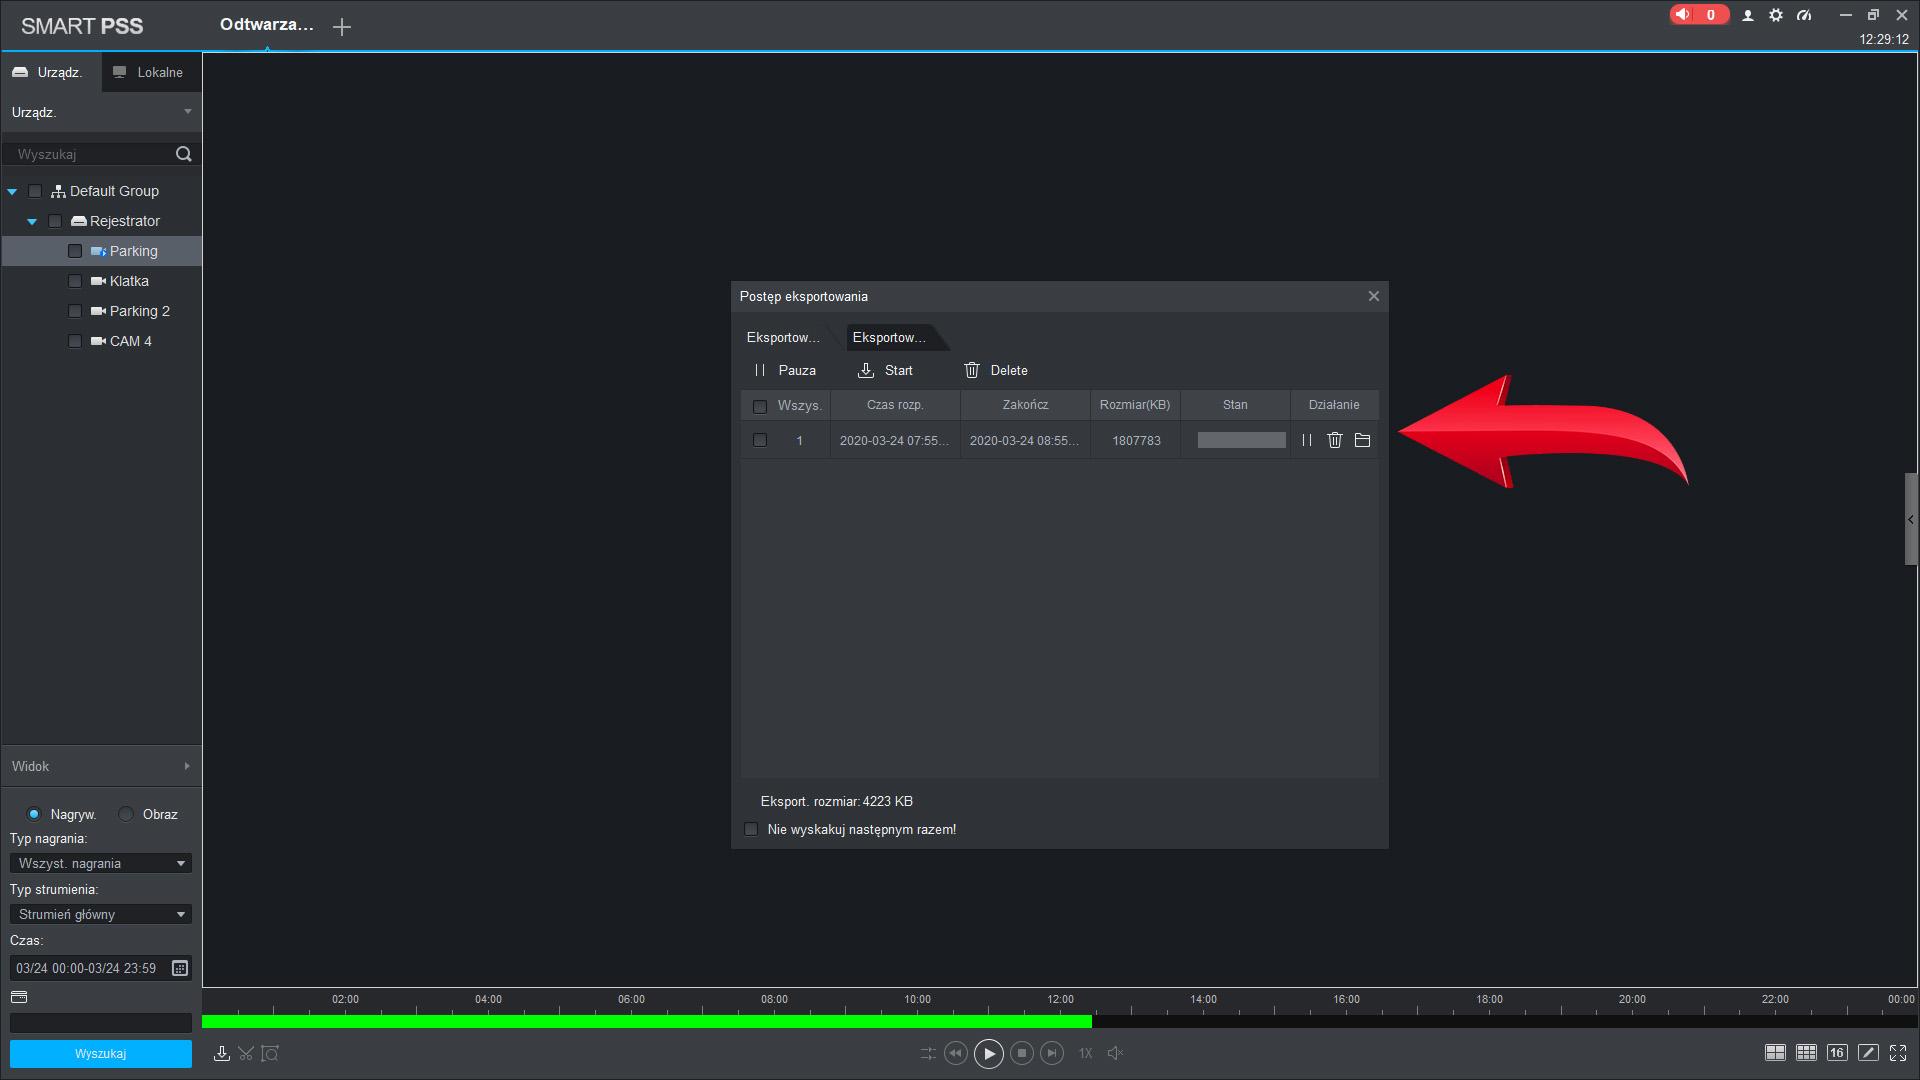 8 PSS - Jak zgrać i archiwizować nagranie poprzez Smart PSS ?